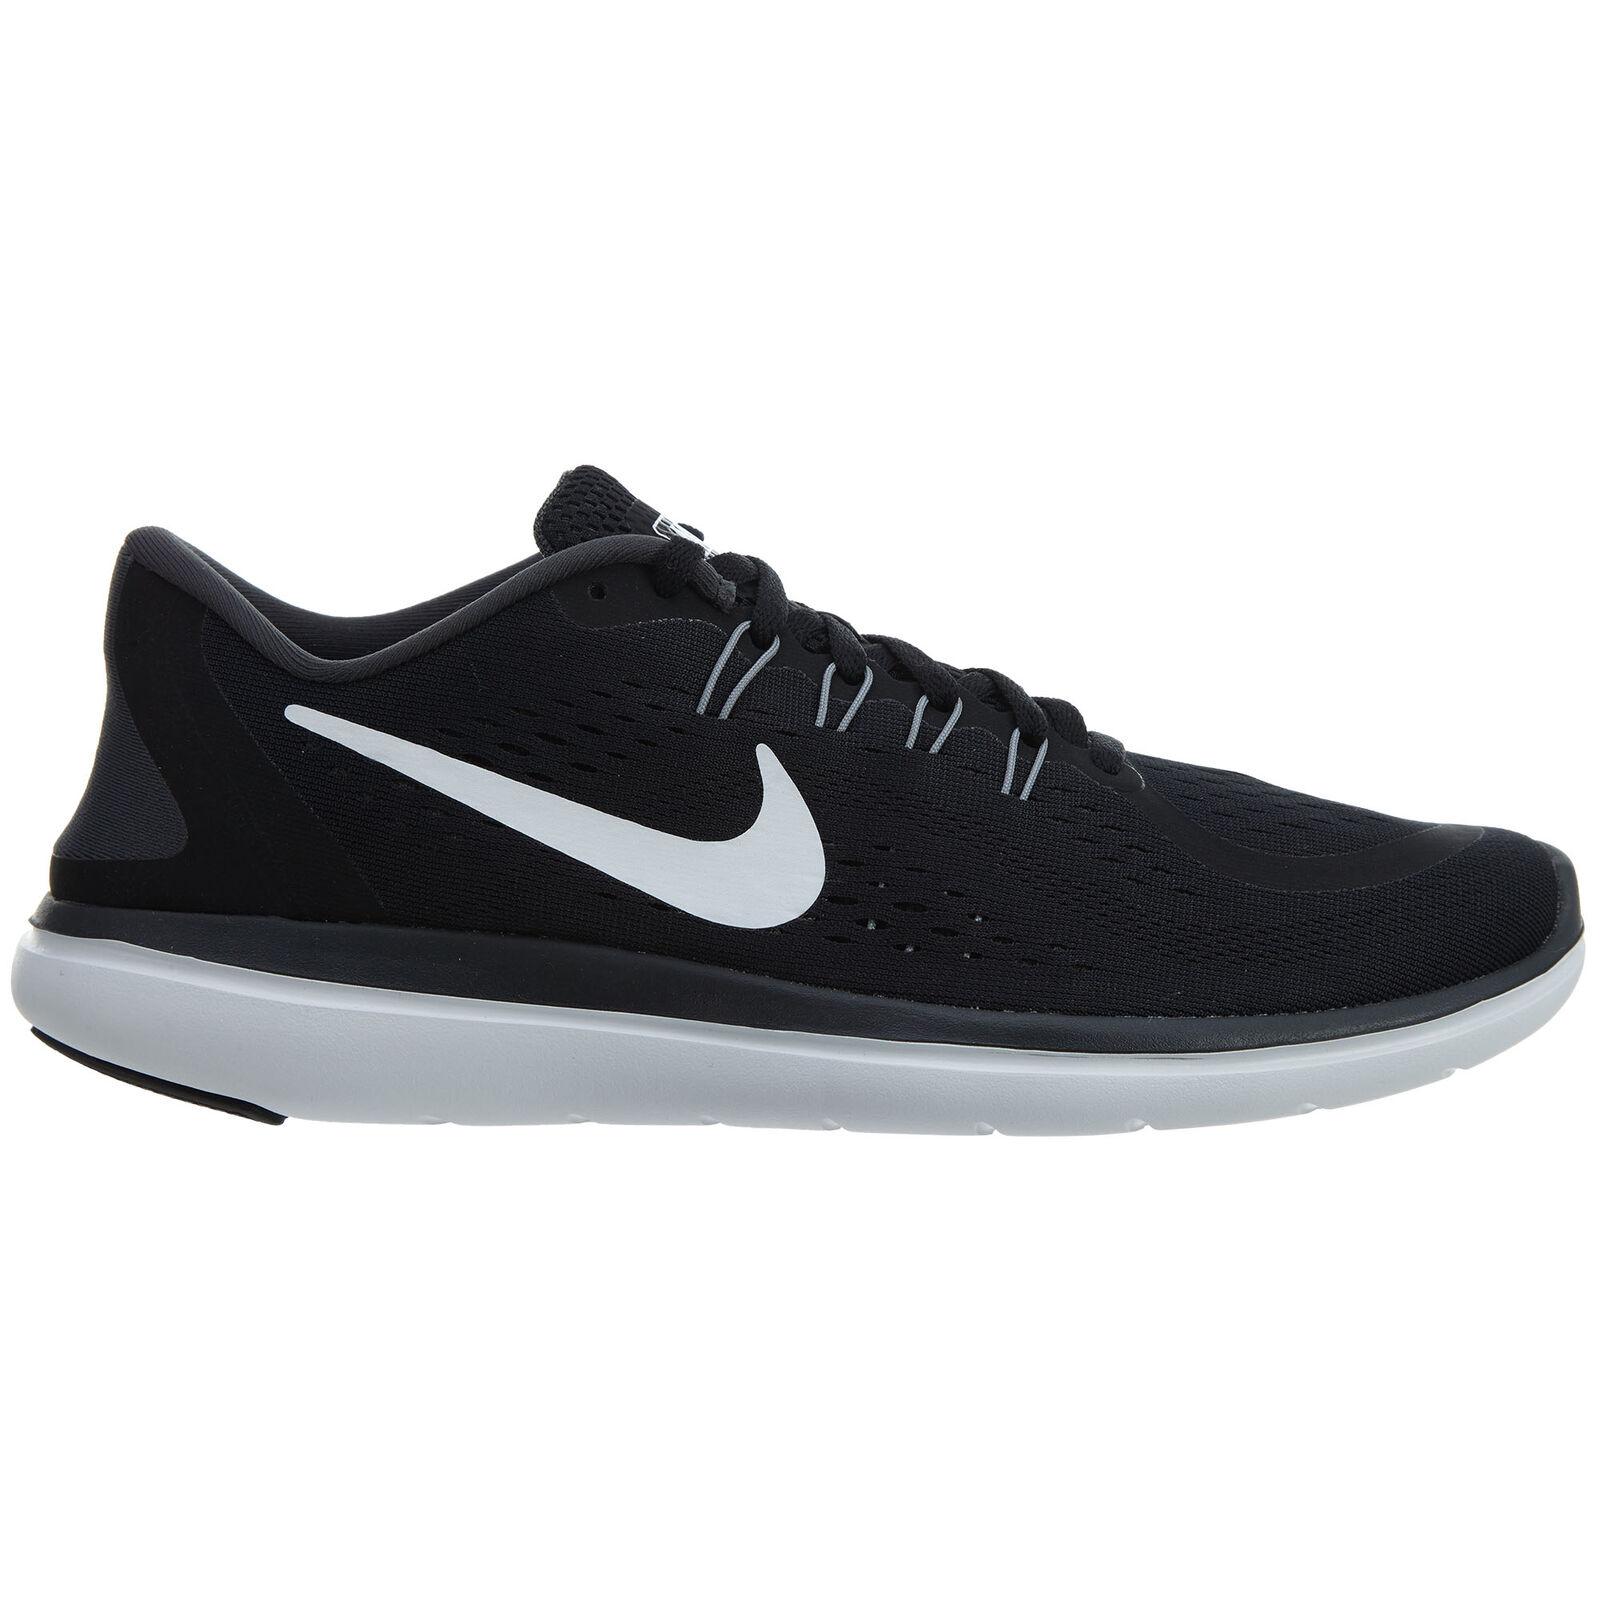 Nike - flex 2017 rn Uomo 898457-001 bianco nero grigio delle dimensioni delle scarpe da corsa